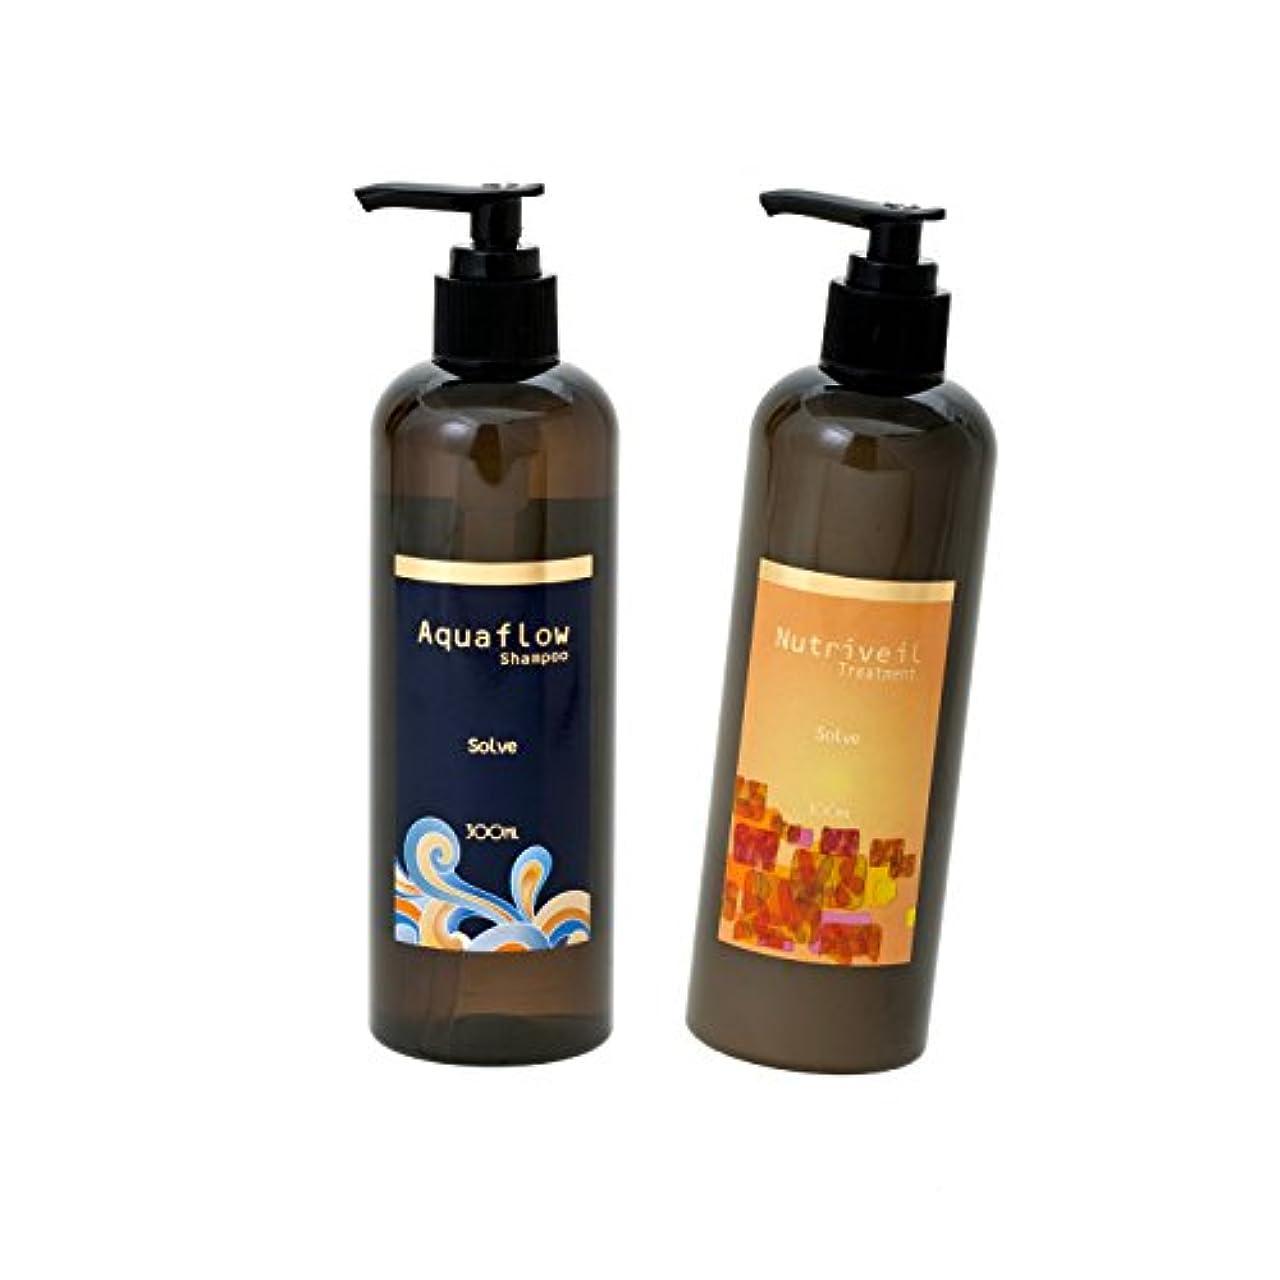 アドバンテージ混沌クレーン縮毛矯正した髪を栄養そのもので洗うsolve|ソルブシャンプー「Aquaflow_アクアフロー」ソルブトリートメント「Nutriveil_ニュートリヴェール」セット|カラーの繰り返しで大きくダメージした髪のケアにも。 (...